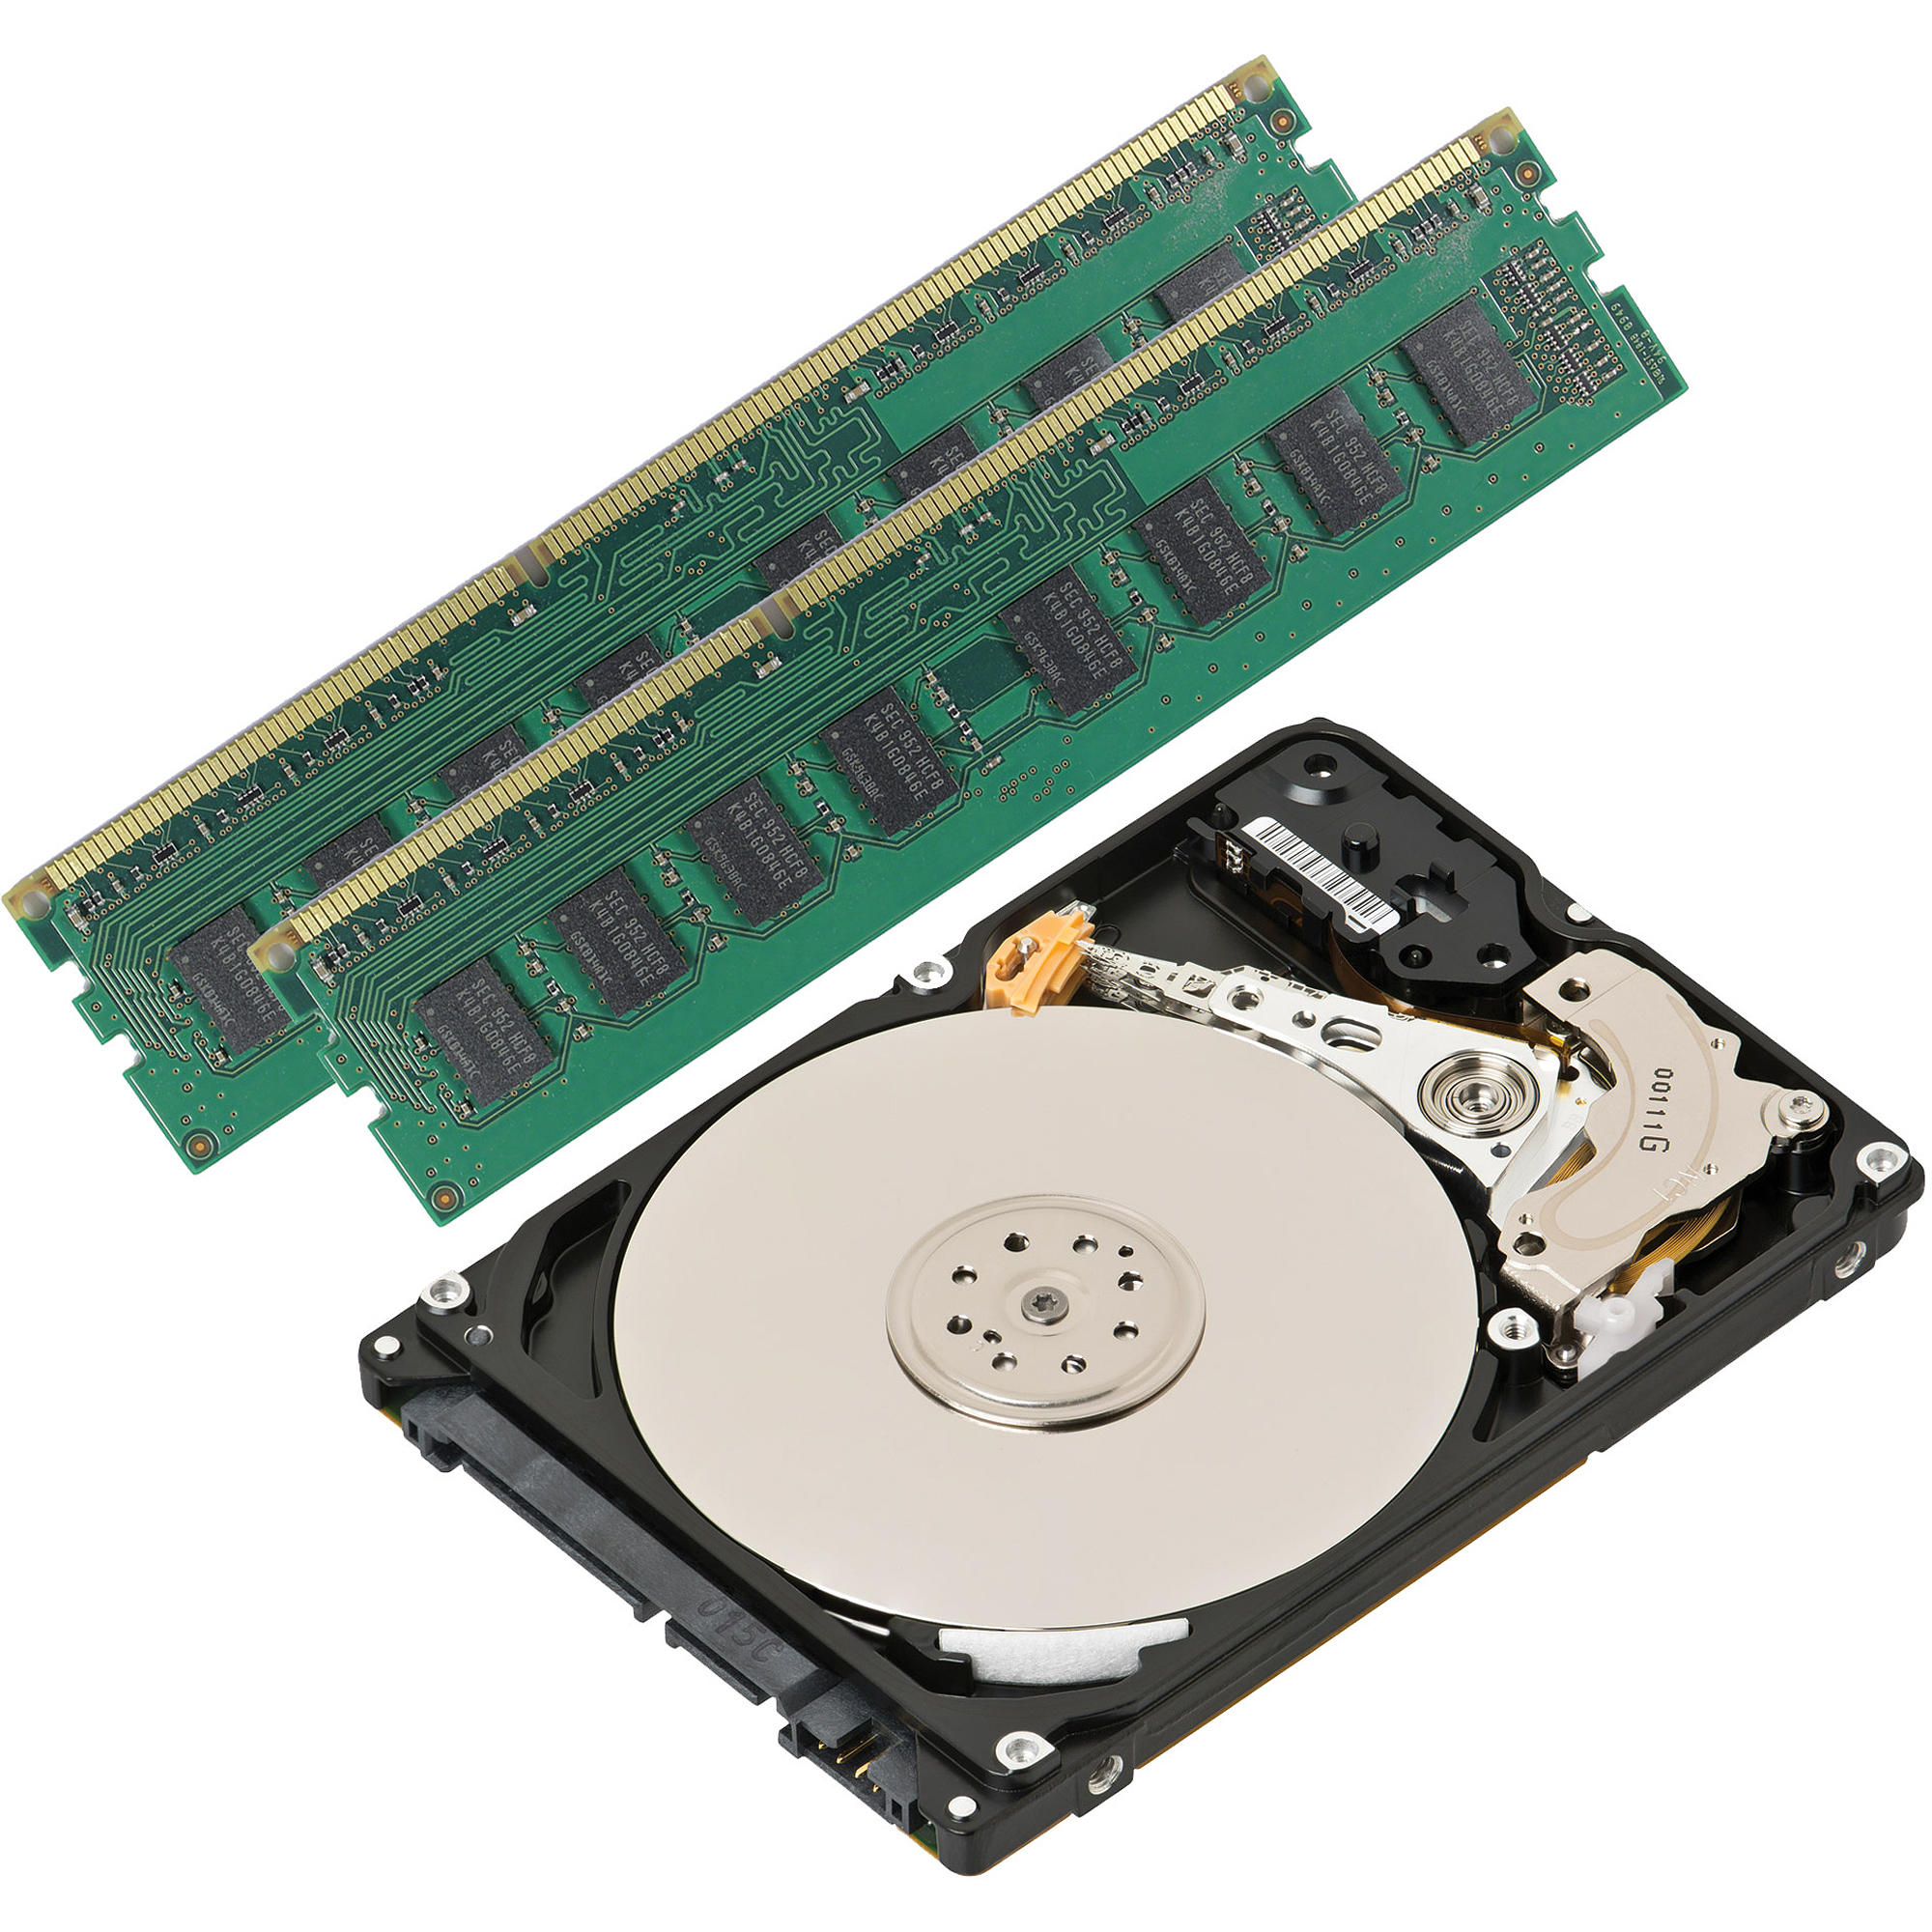 8GB DDR3 + 500GB Hard Drive